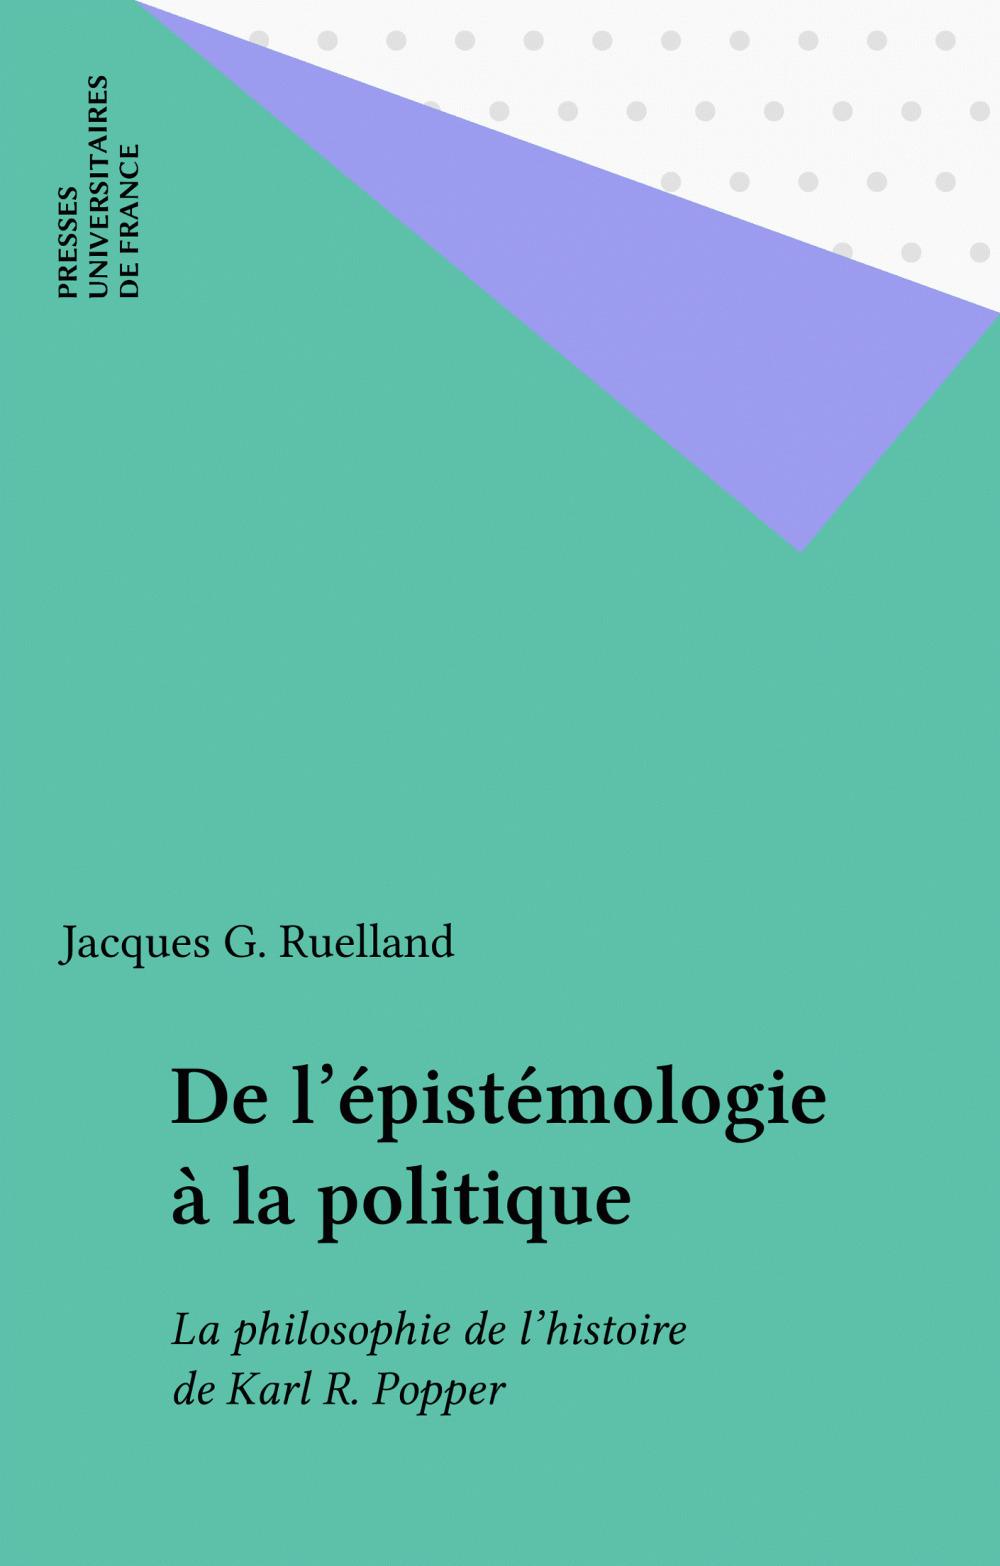 De l'épistémologie à la politique